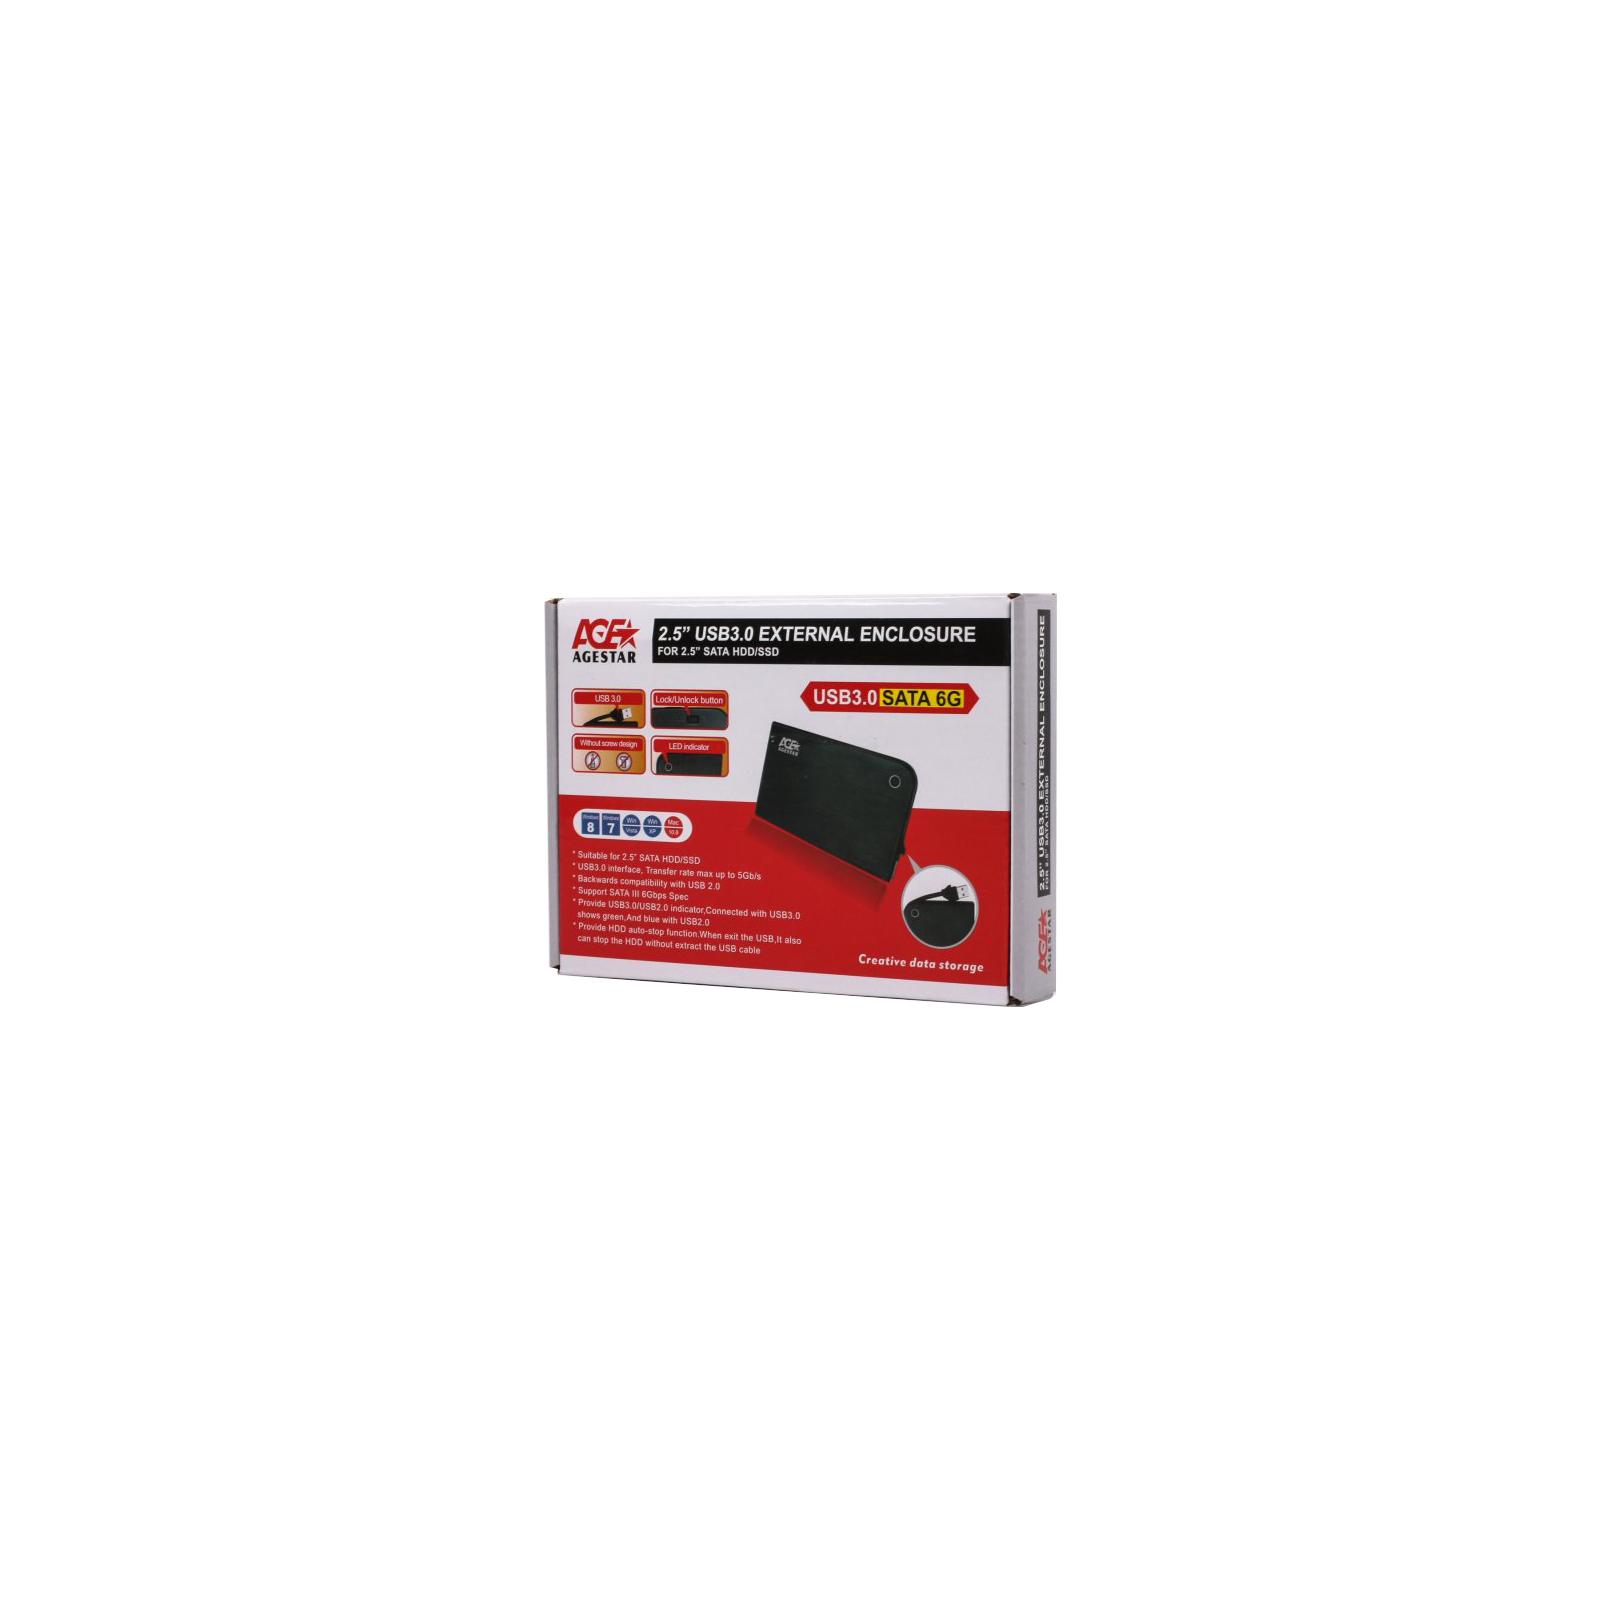 Карман внешний 3UB 2A14 (Red) AgeStar изображение 2